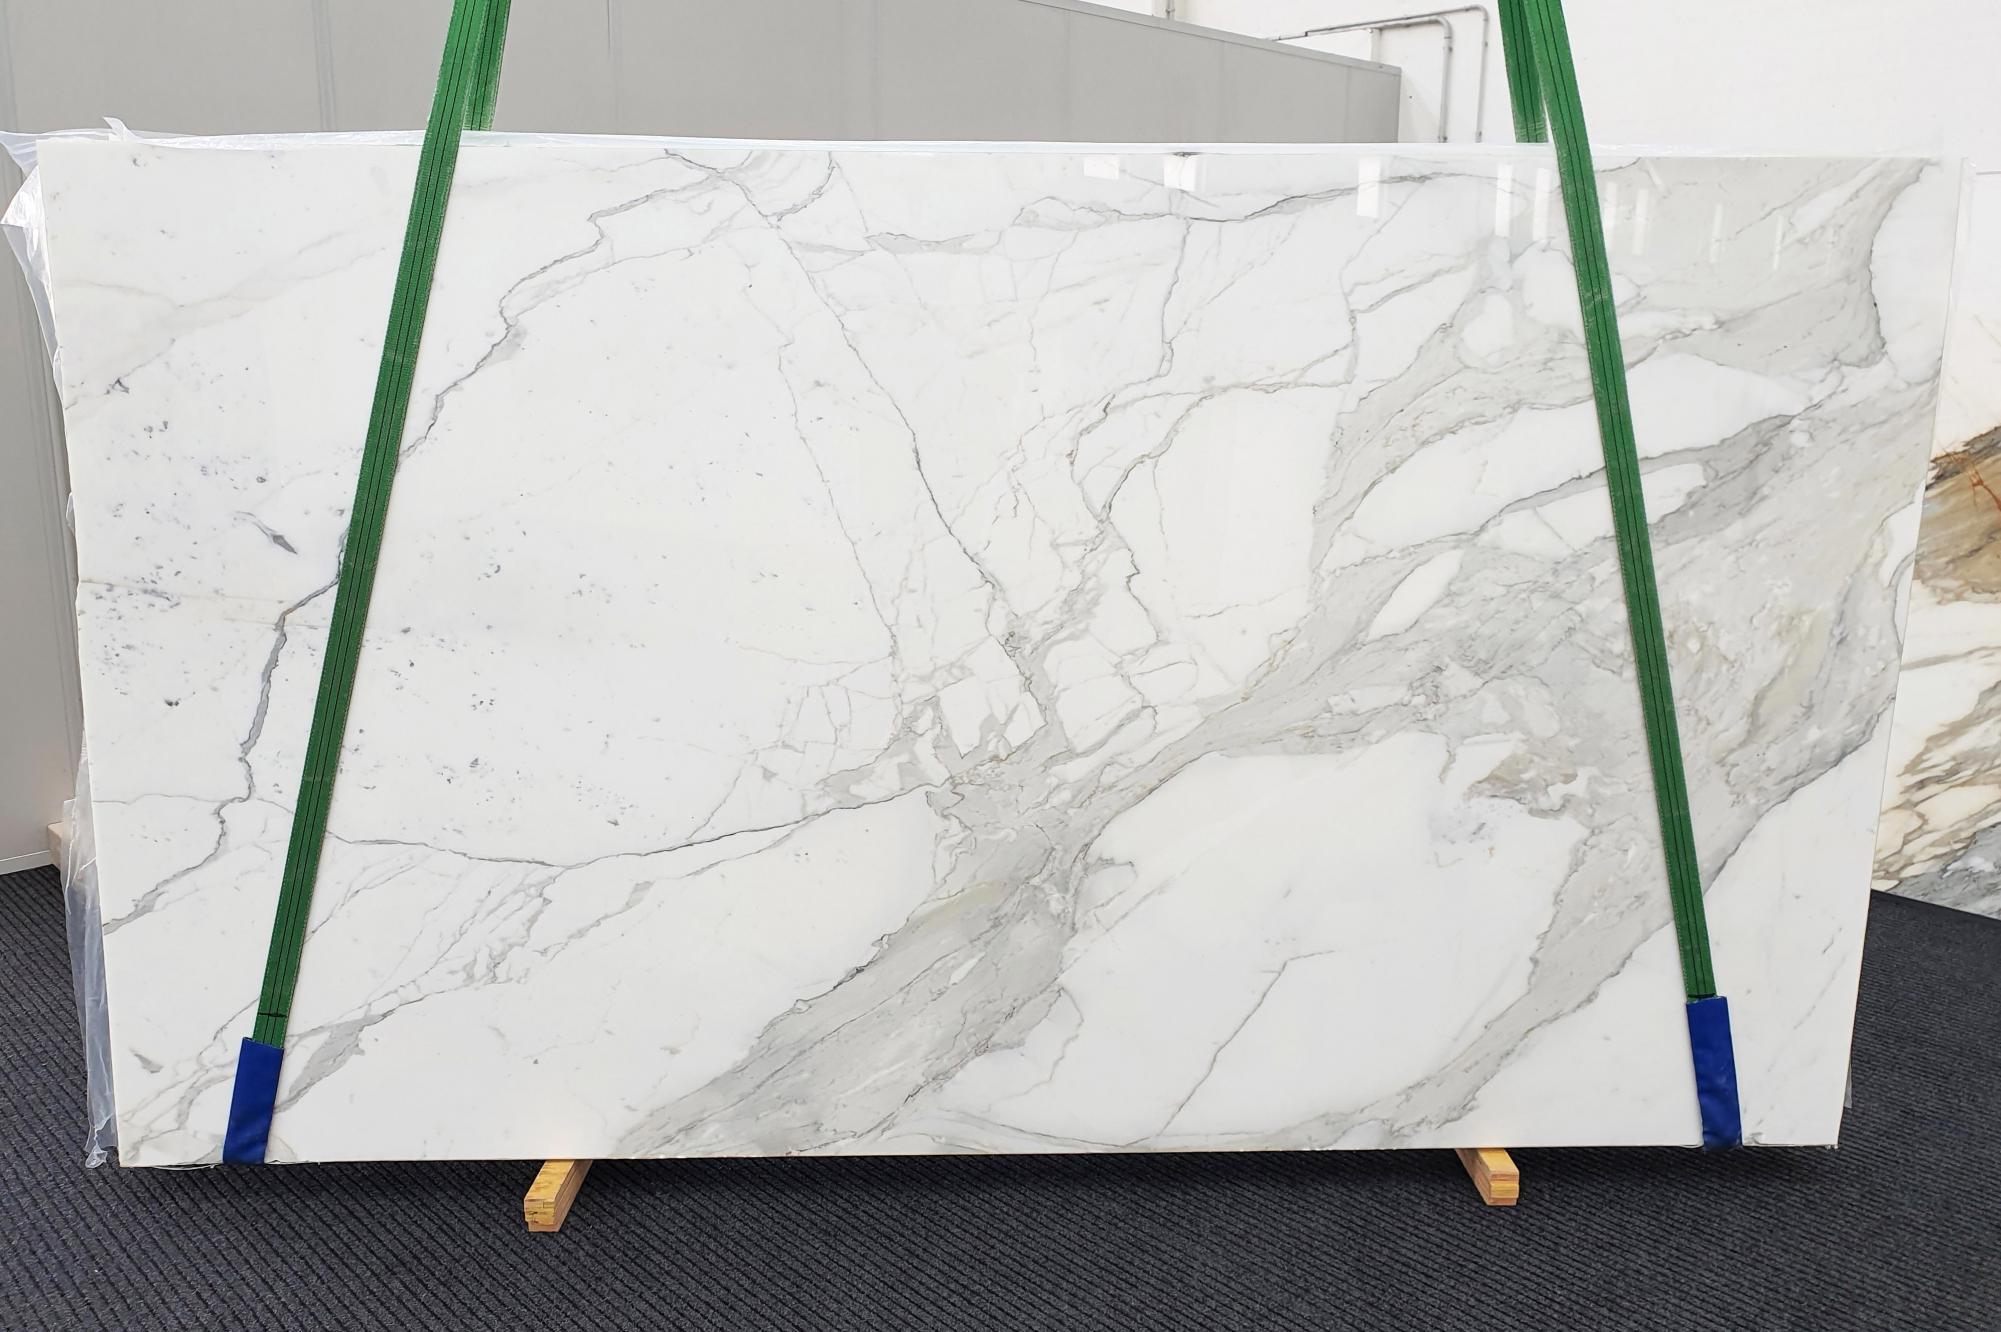 CALACATTA EXTRA polierte Unmaßplatten 1377 aus Natur Marmor , Slab #63: Lieferung Veneto, Italien